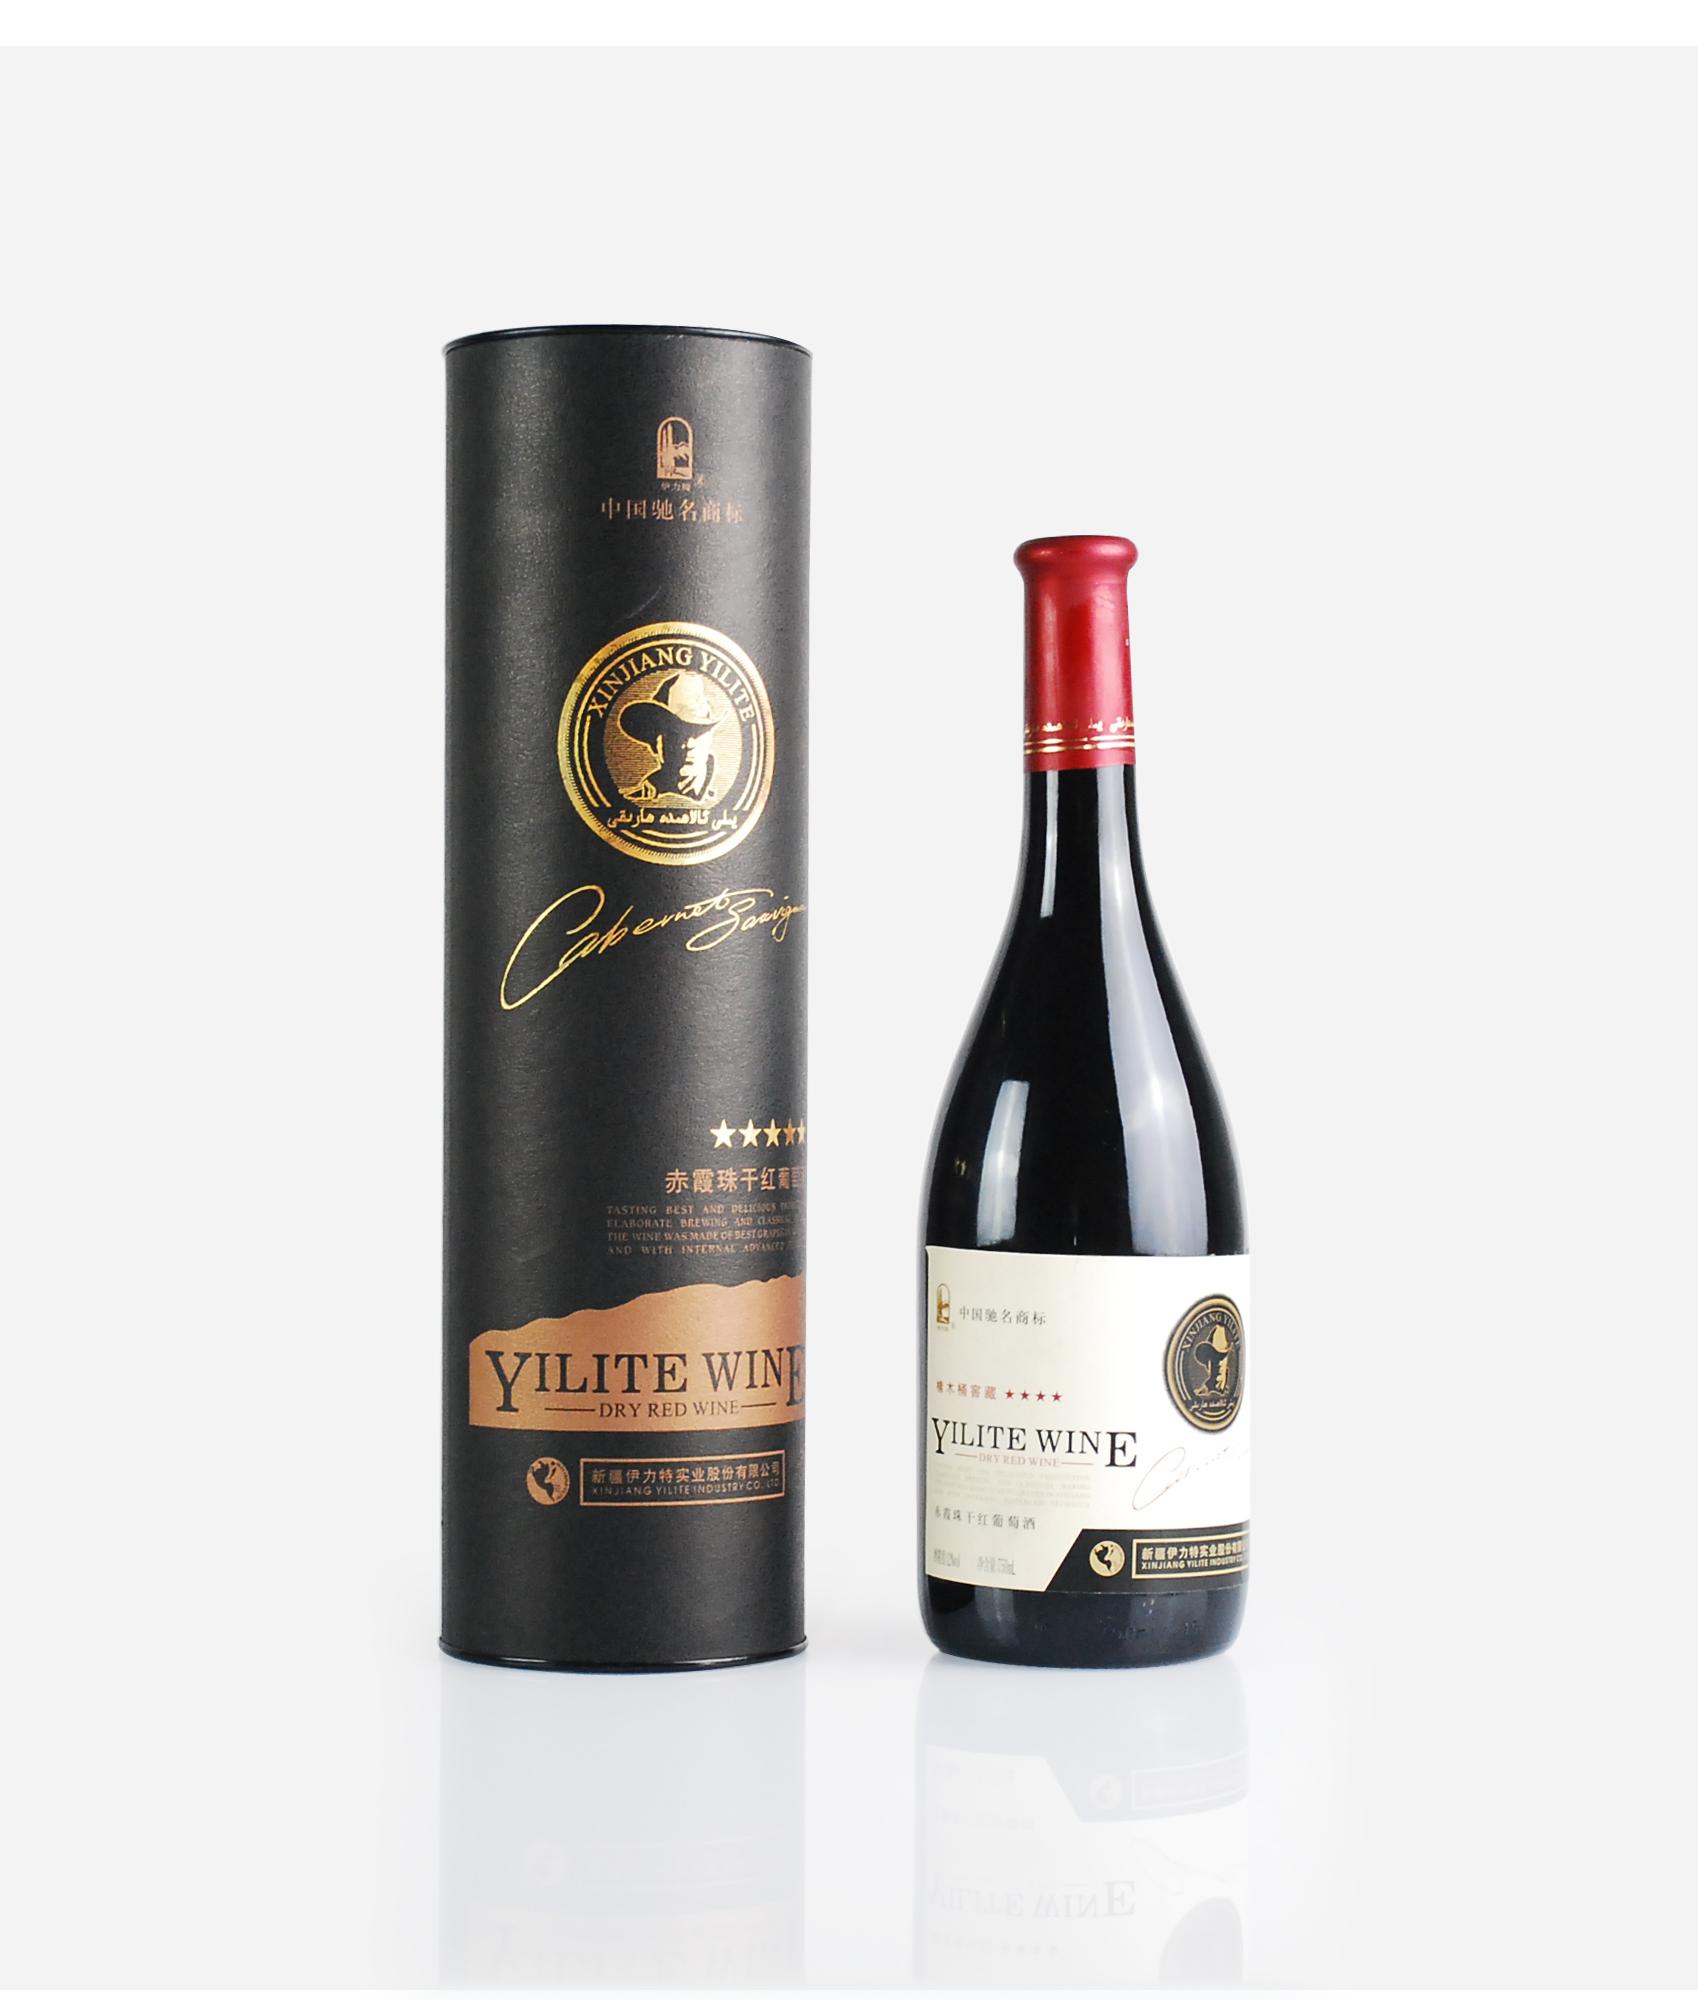 伊力特四星橡木桶窖藏赤霞干红葡萄酒